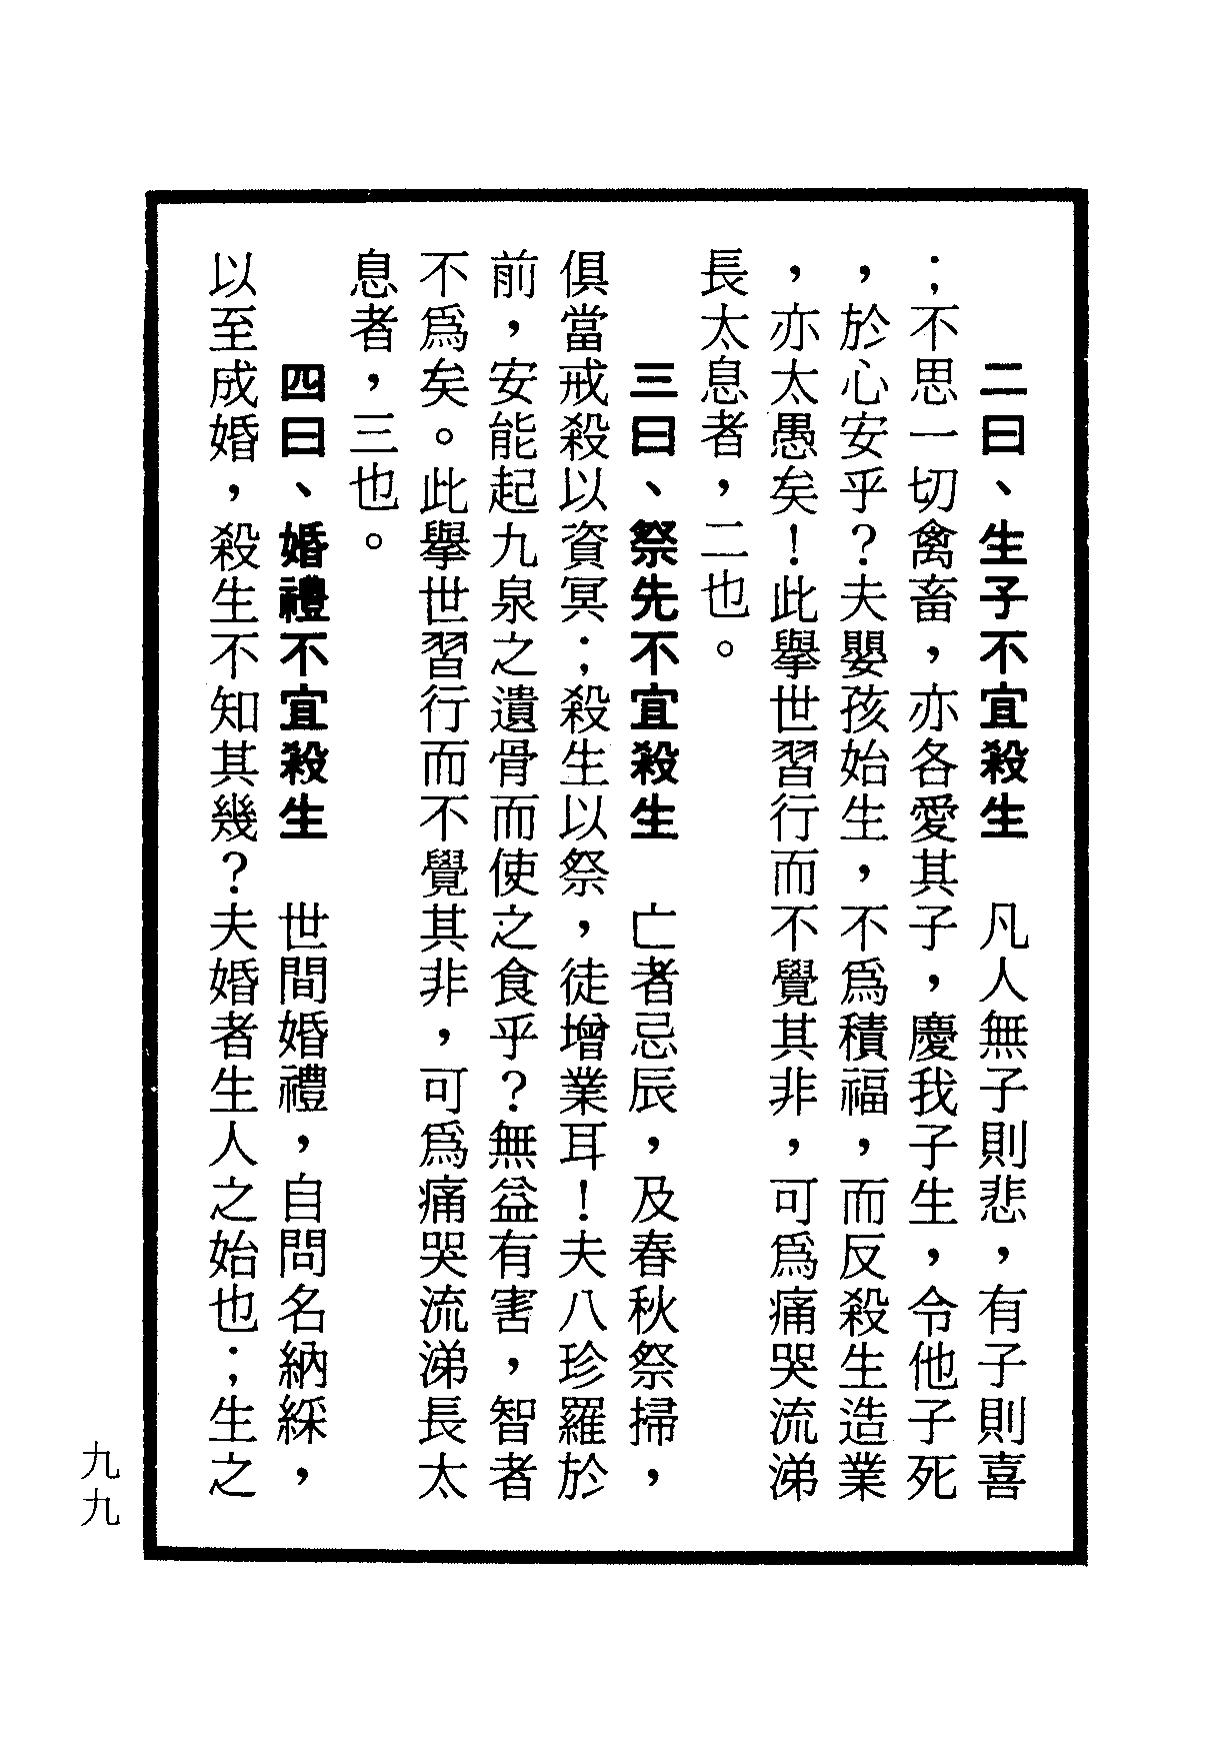 楞嚴咒-大悲咒-十小咒-易背本 105.png